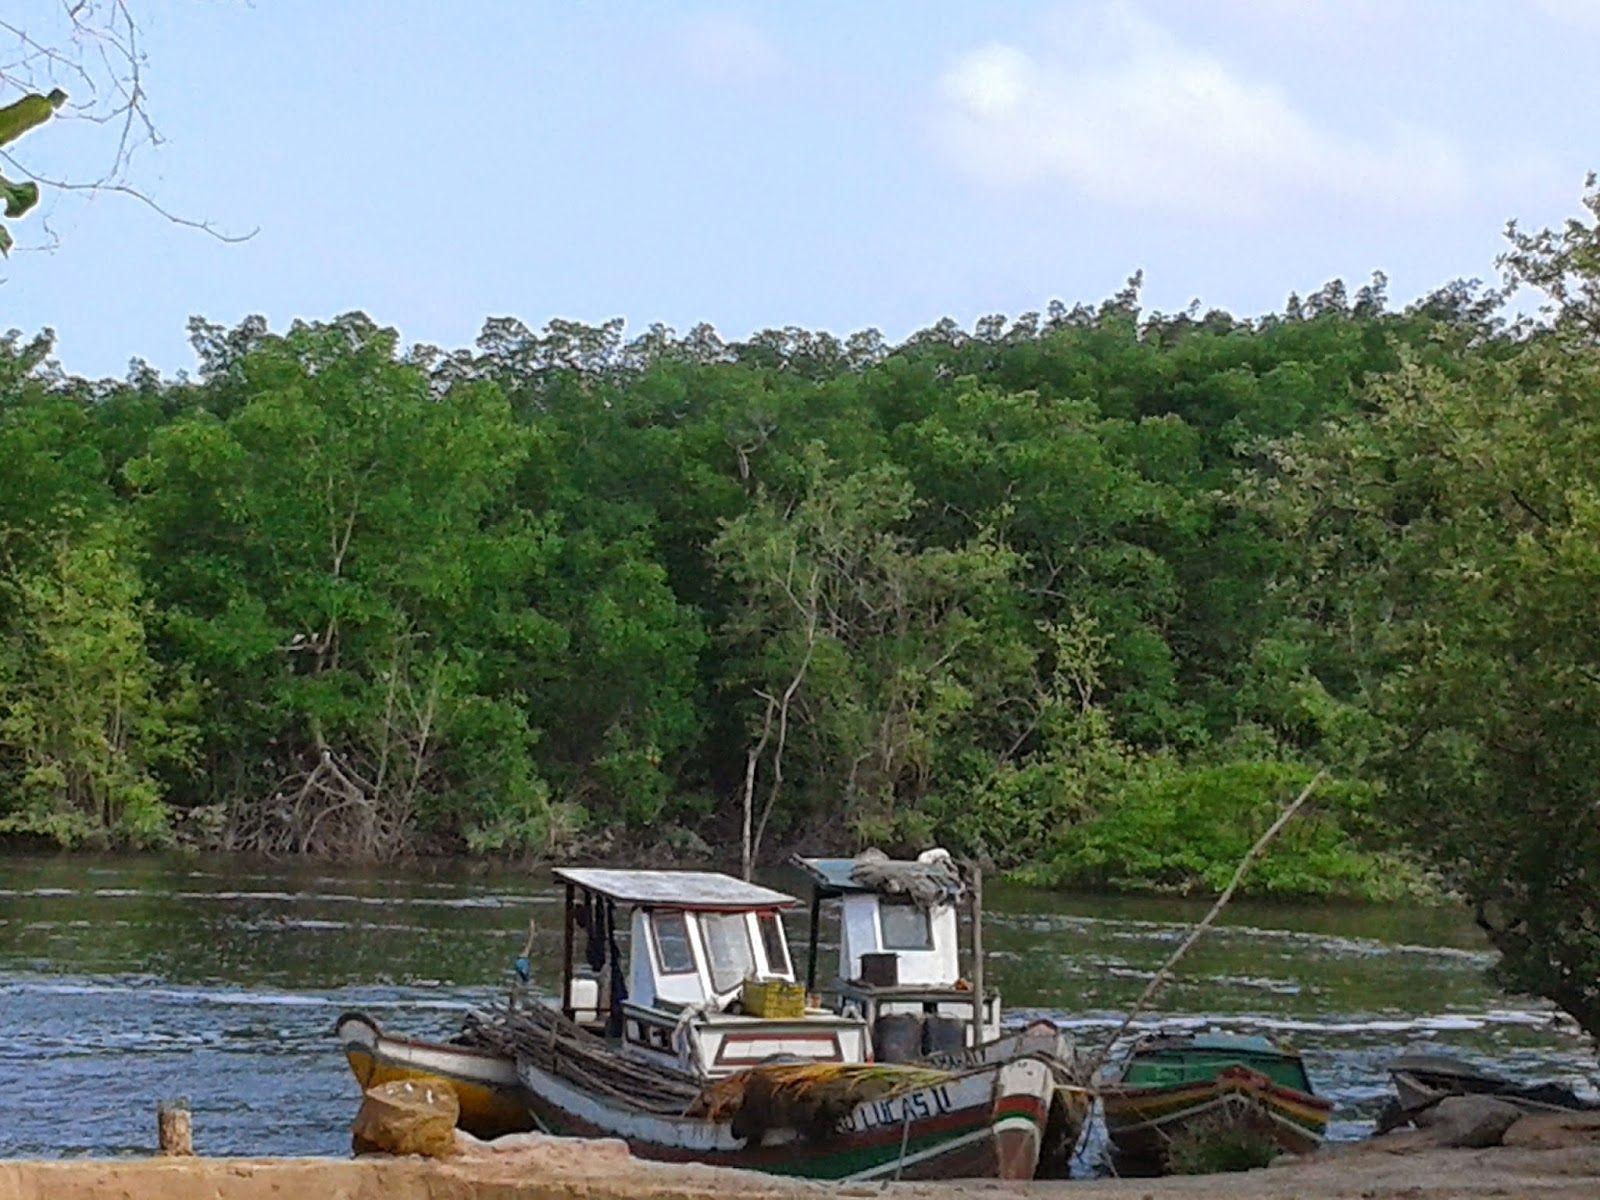 Governo assina ordem para construção de três portos pesqueiros em Paço de Lumiar